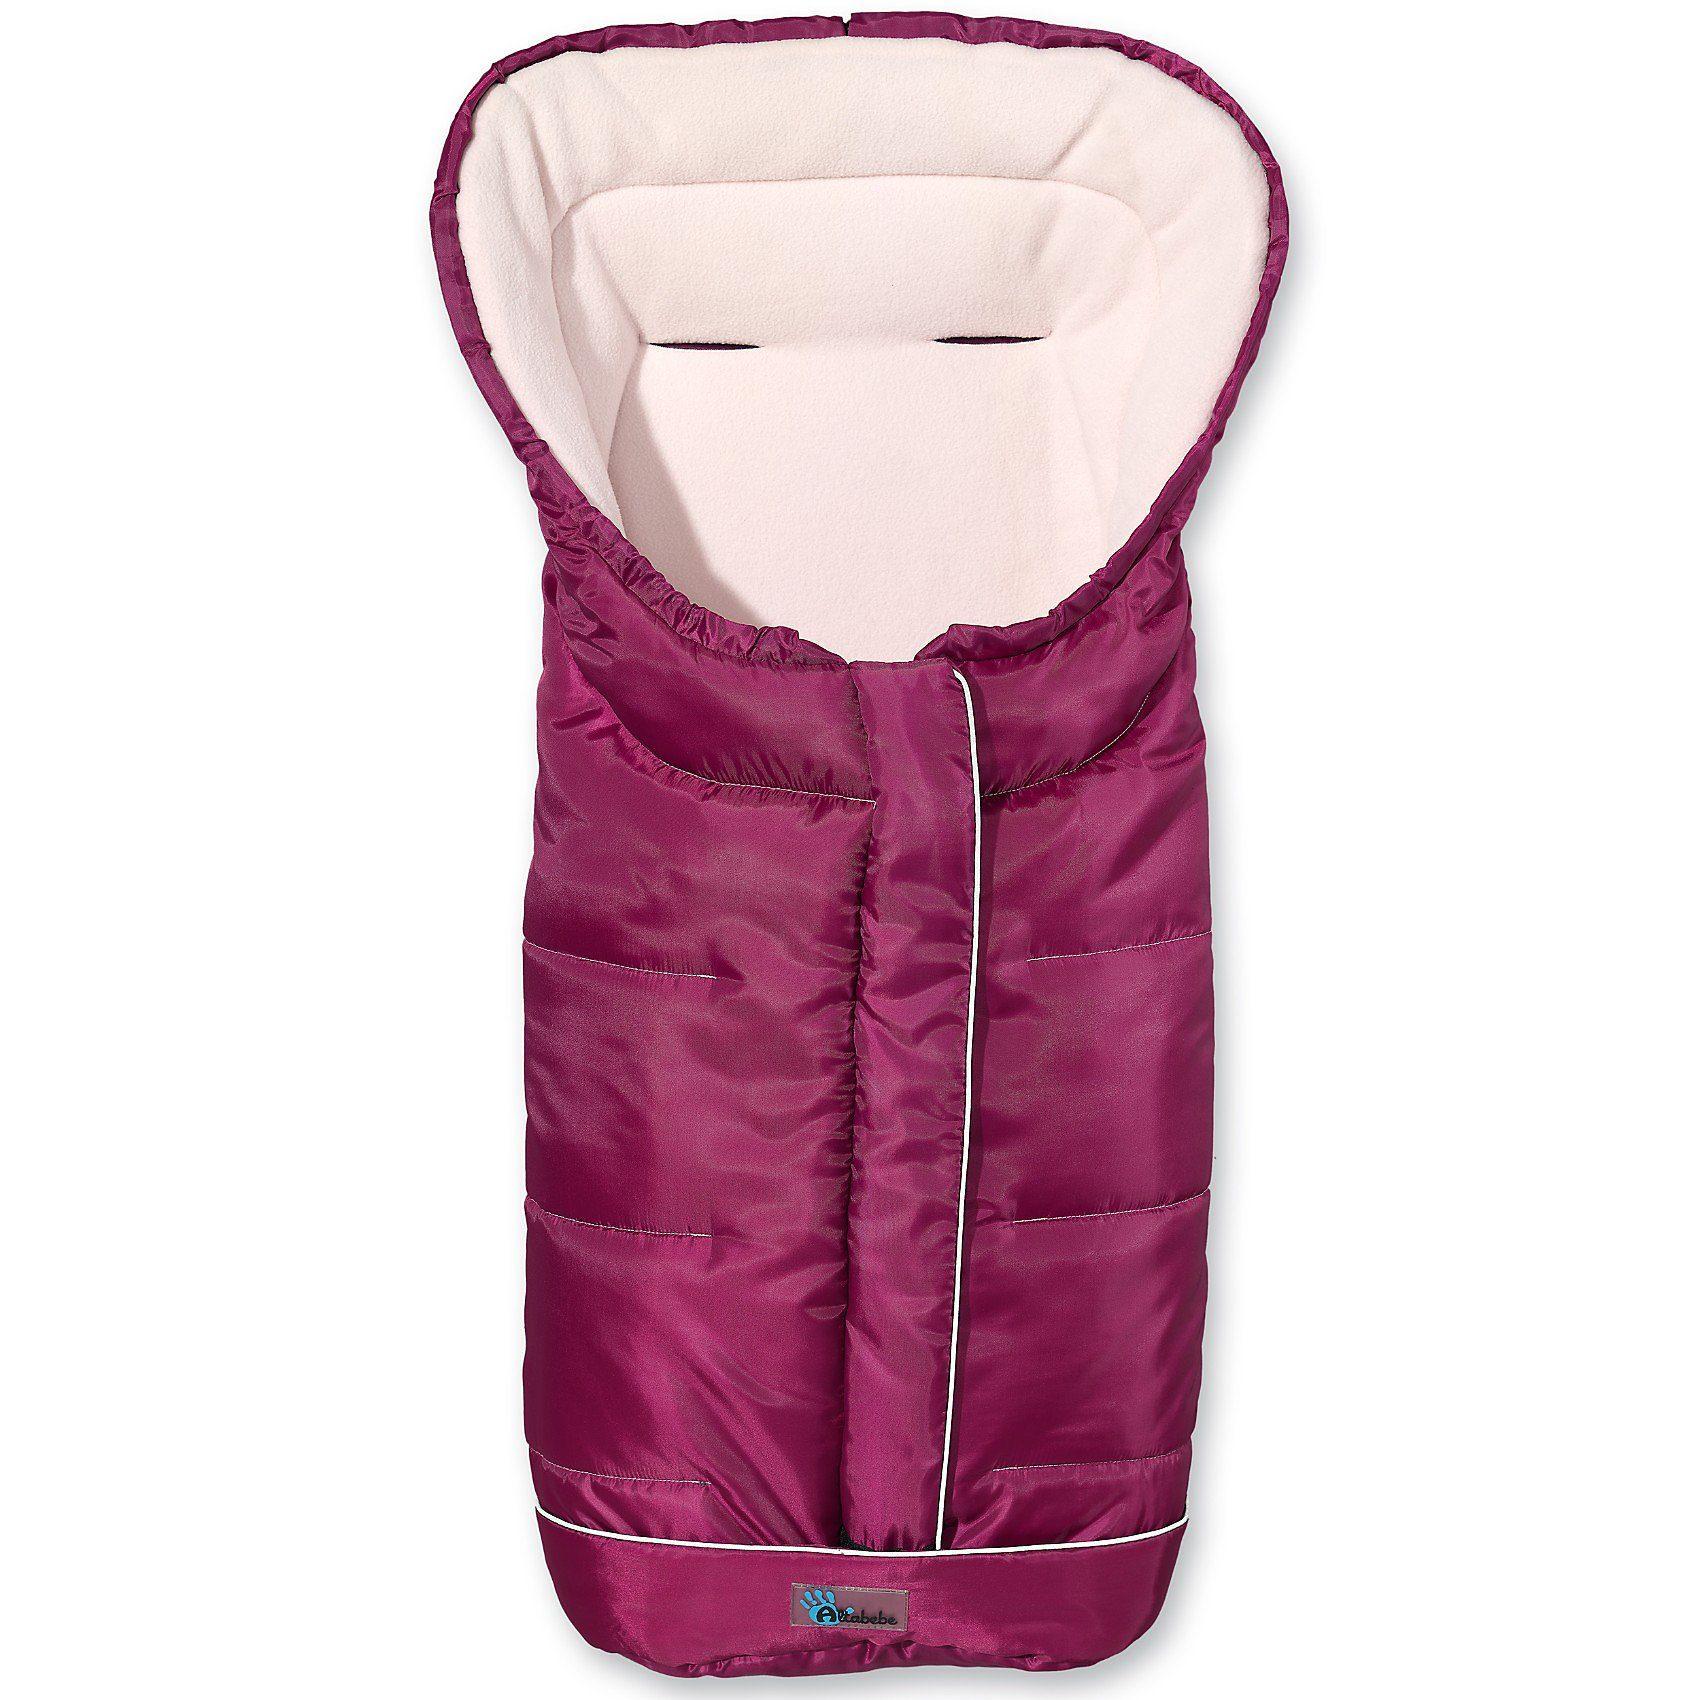 Altabebe Fußsack Fleece mit Reflektorstreifen und ABS, pflaume